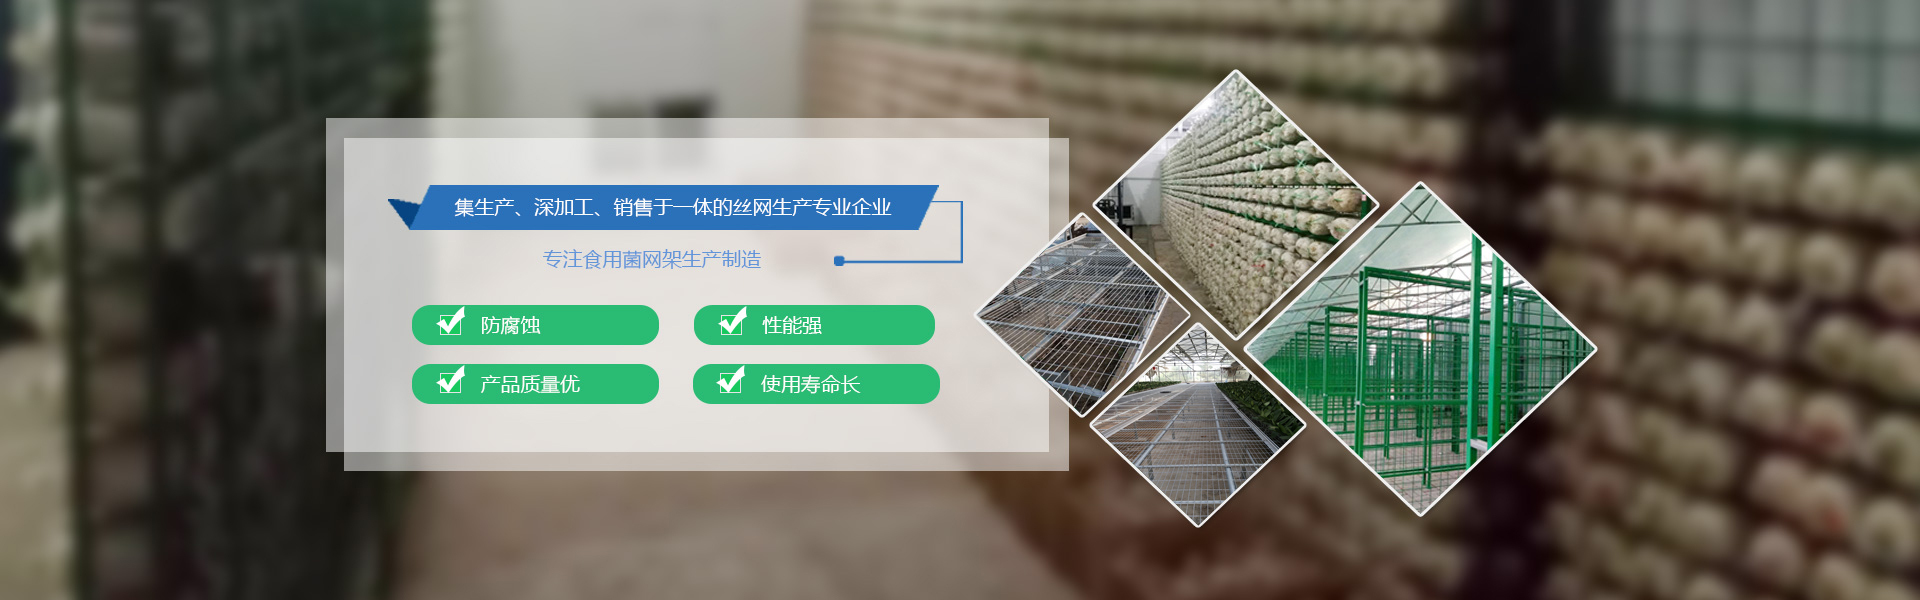 河北晨超金属丝网有限公司banner